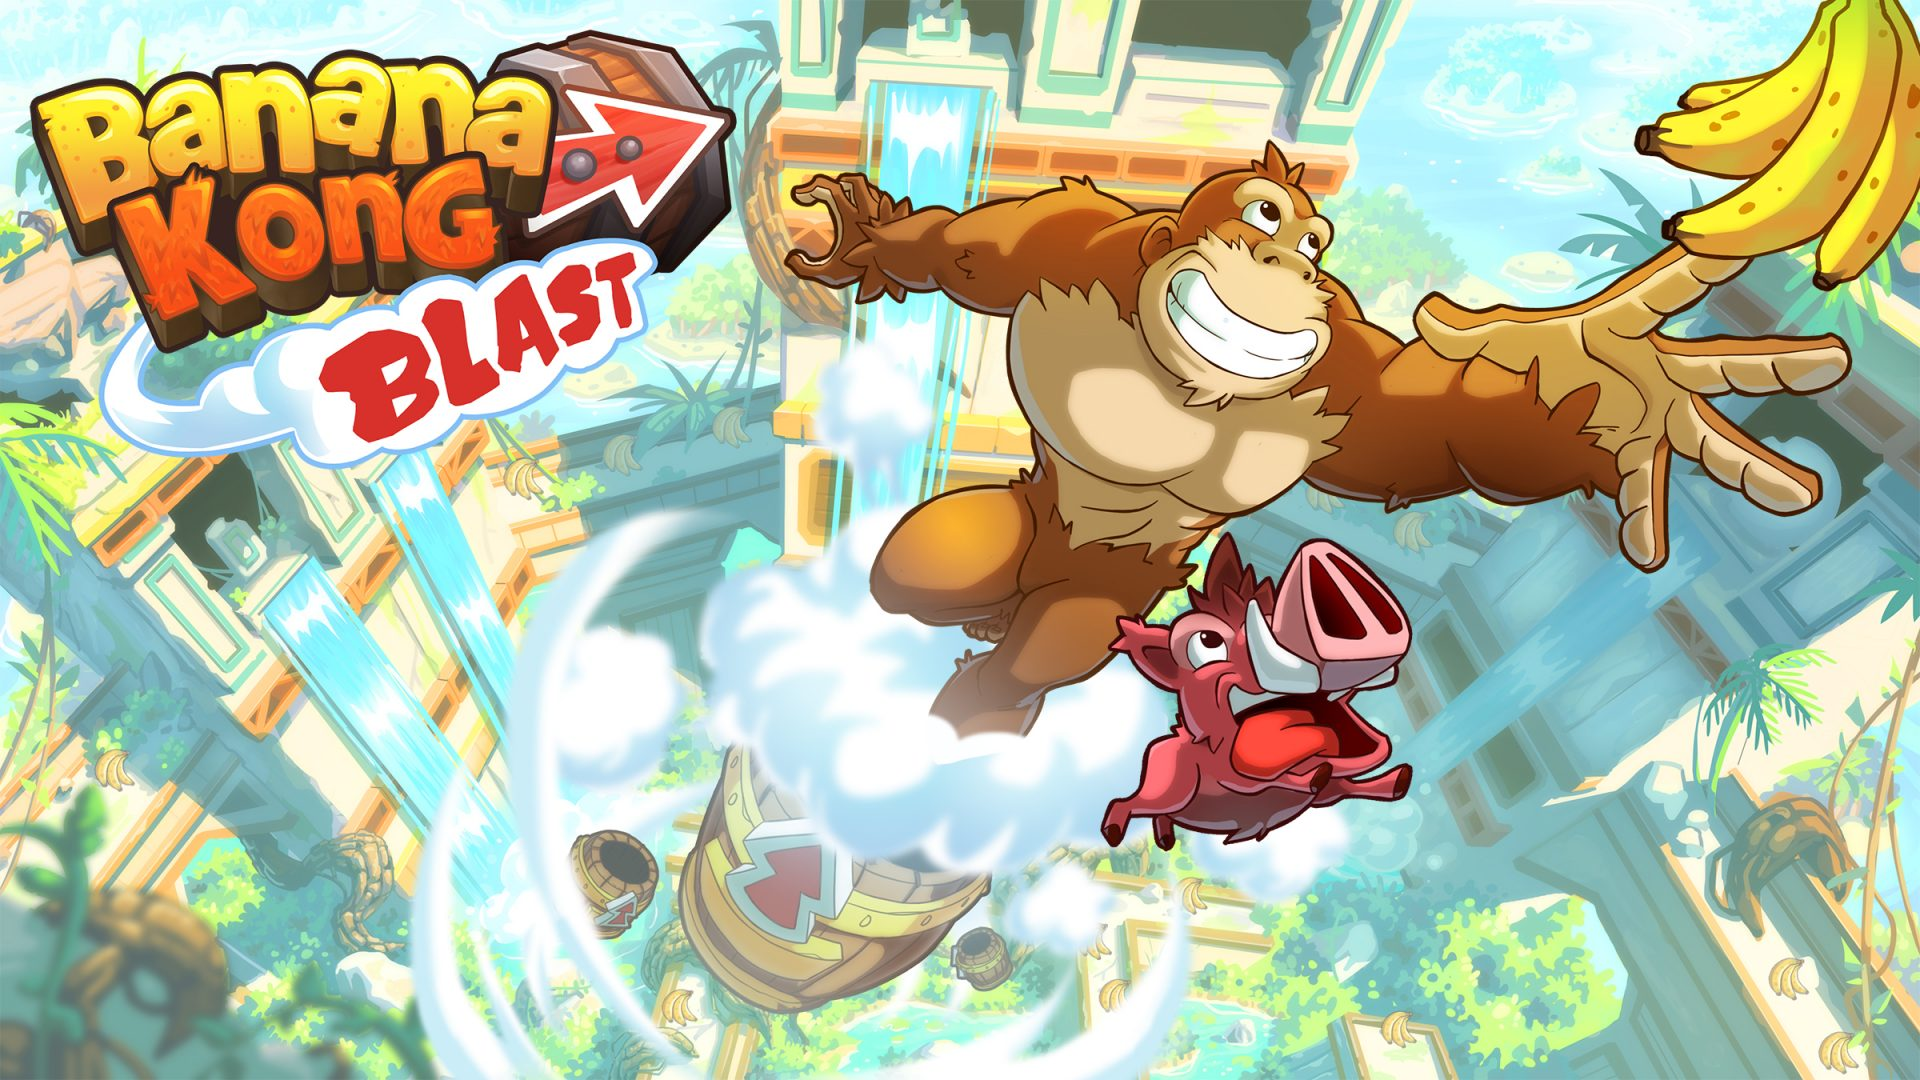 Banana Kong Blast